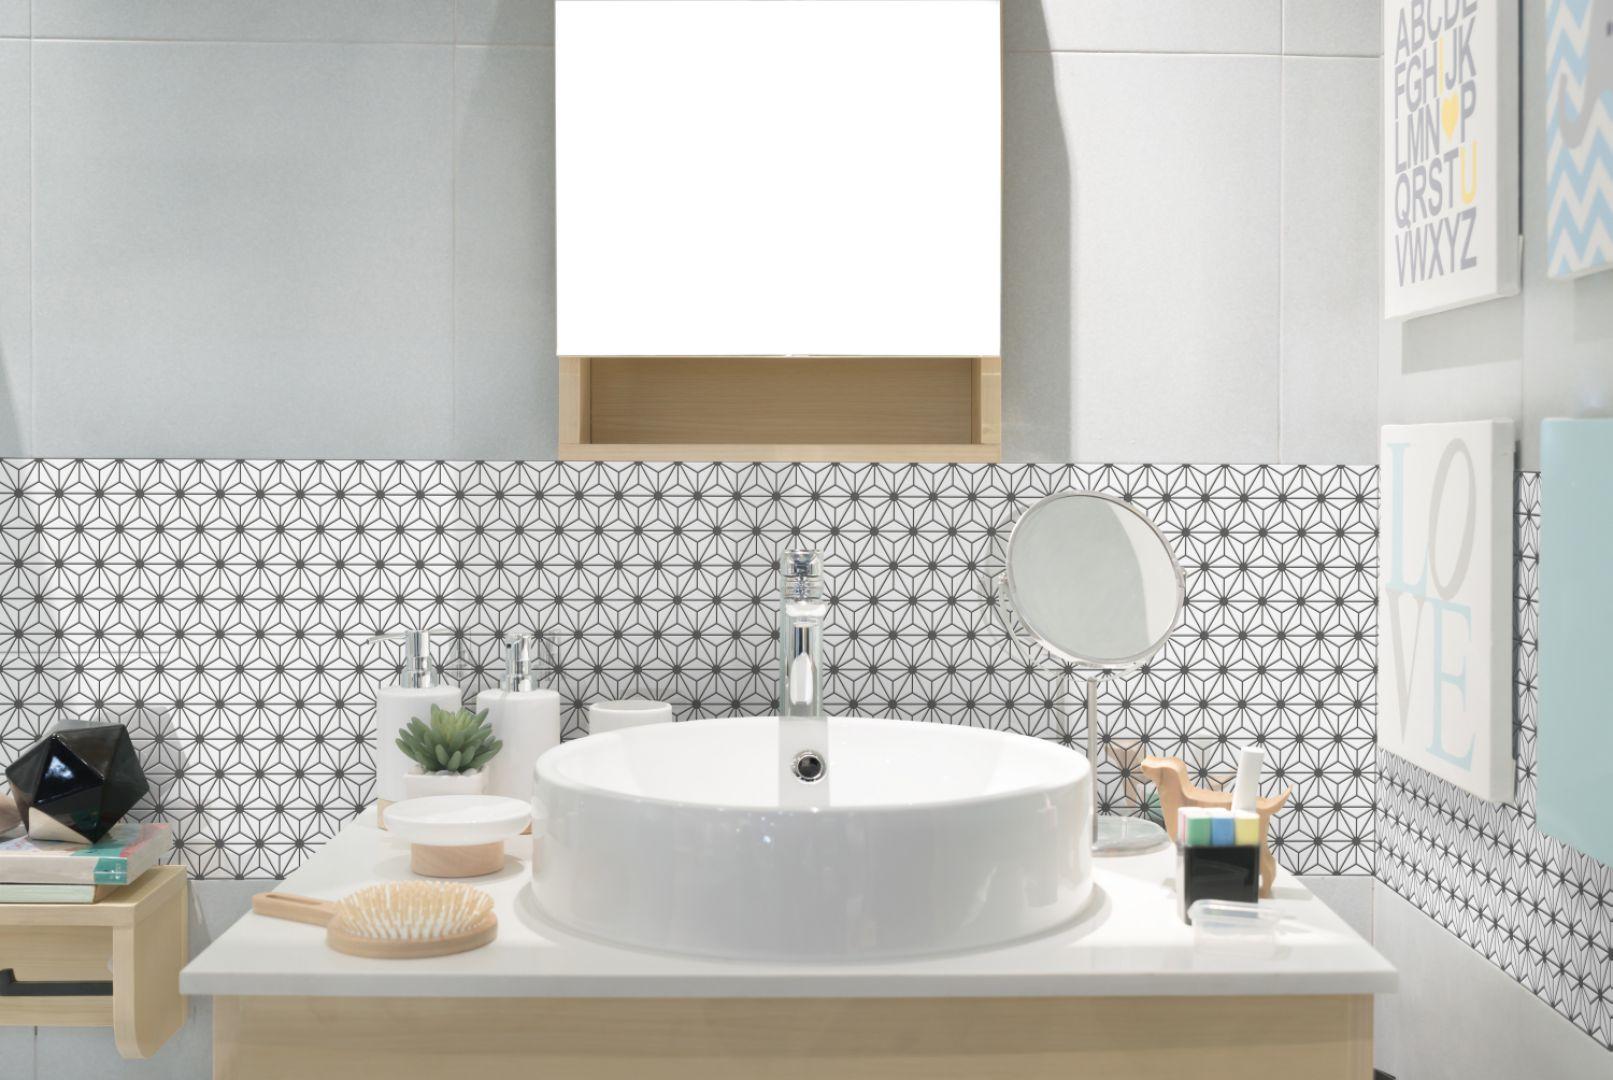 Drobna mozaika z kolekcji Constellation marki Raw Decor wieńczy ścianę w strefie umywalki. Fot. Raw Decor